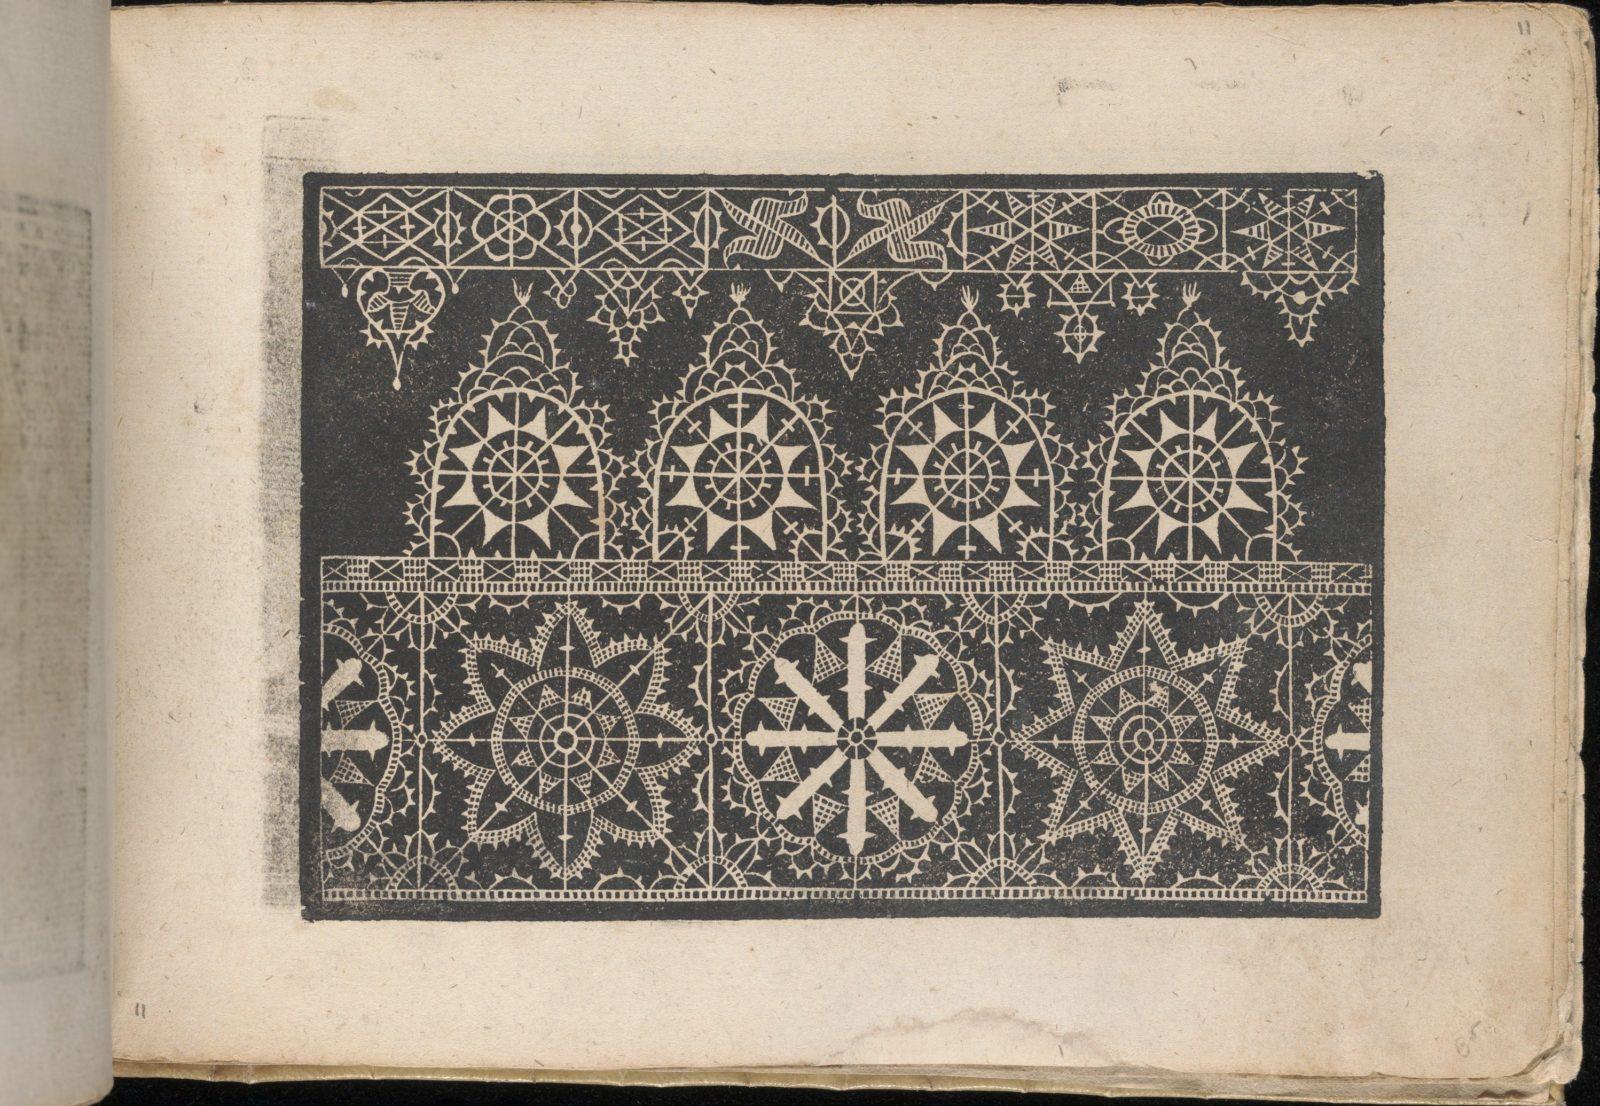 Fiori di Ricami Nuovamente Posti in Luce, page 11 (recto)